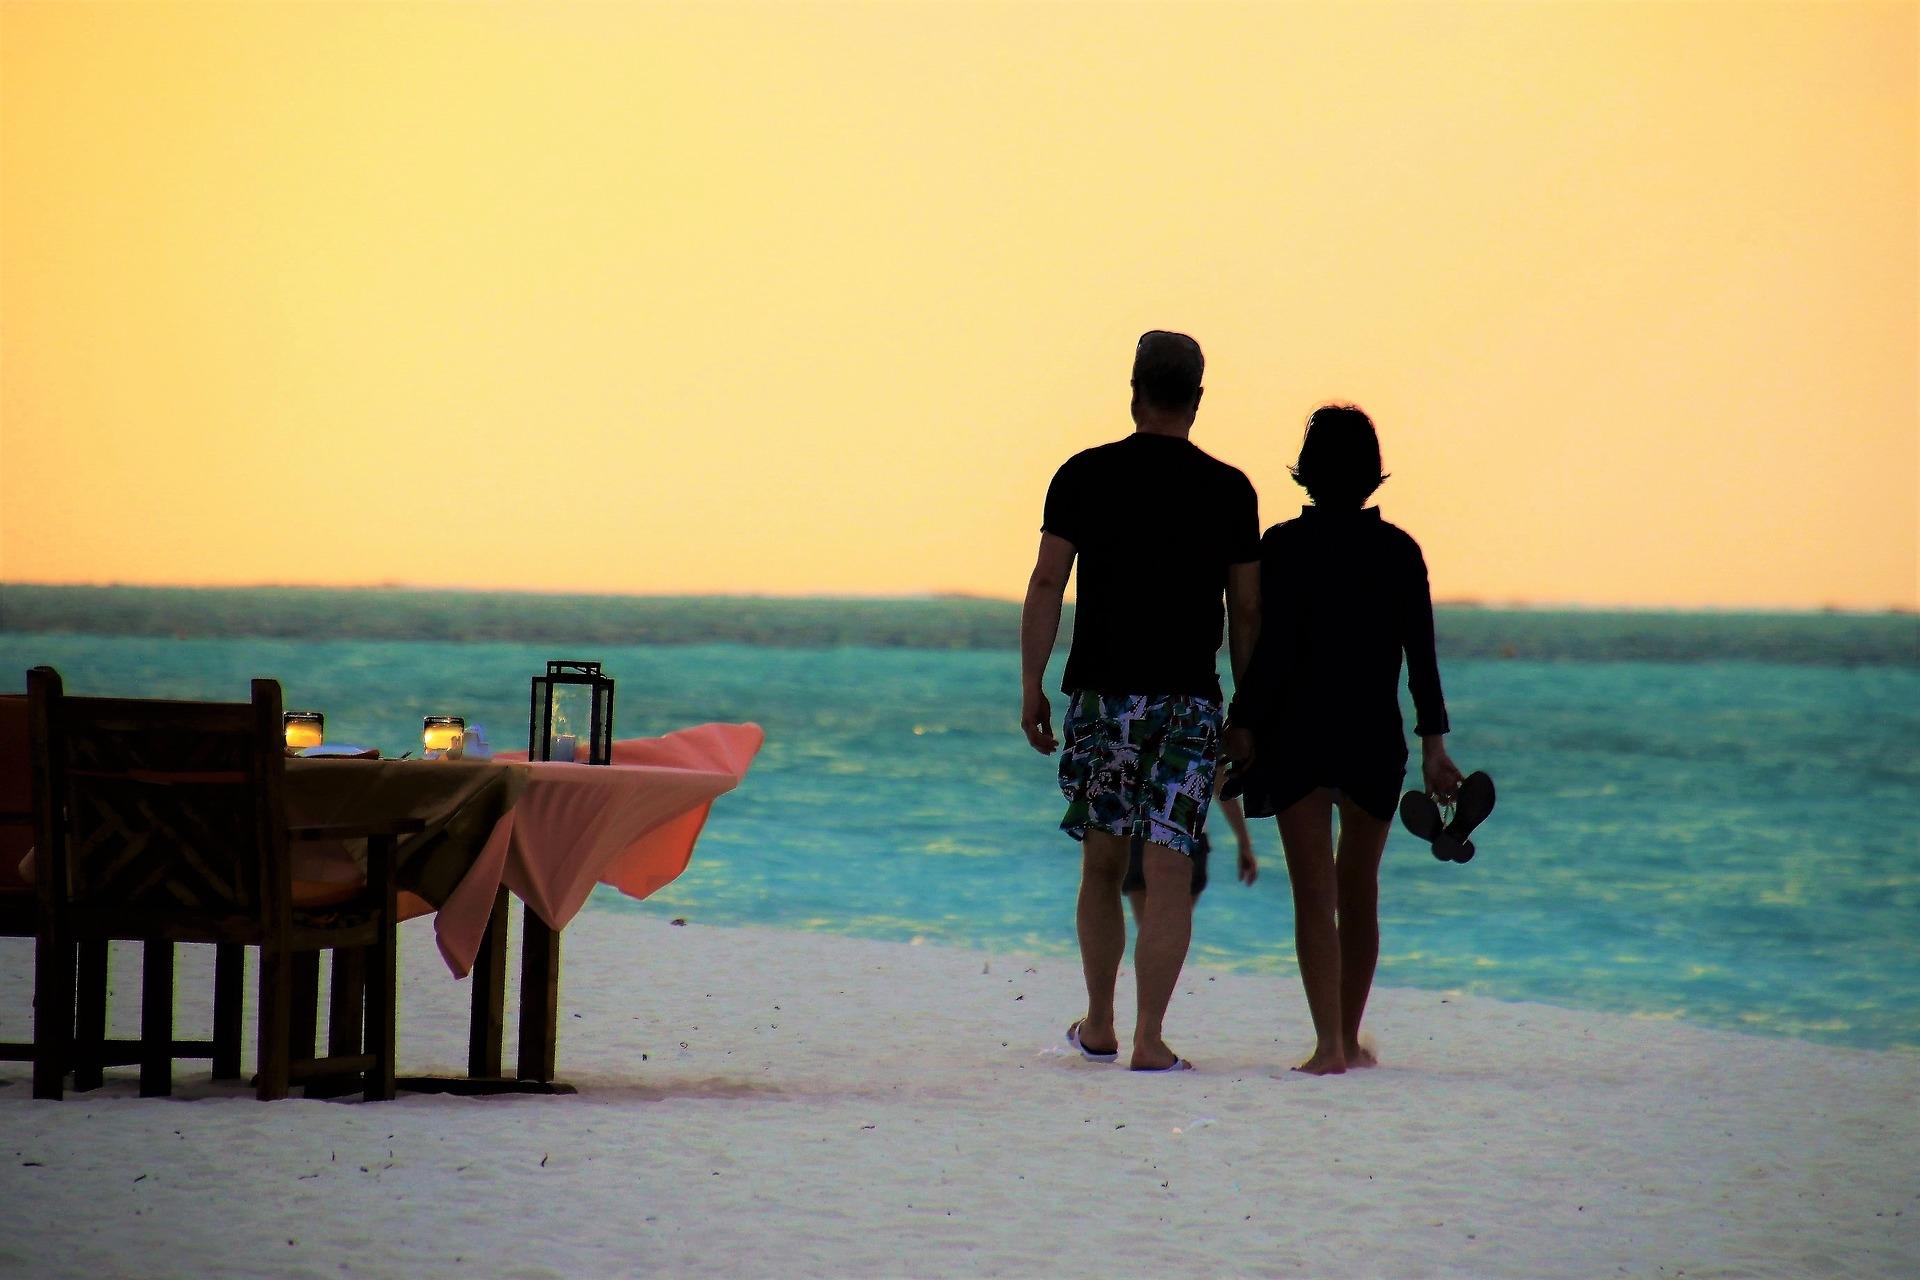 beach-3226488_1920